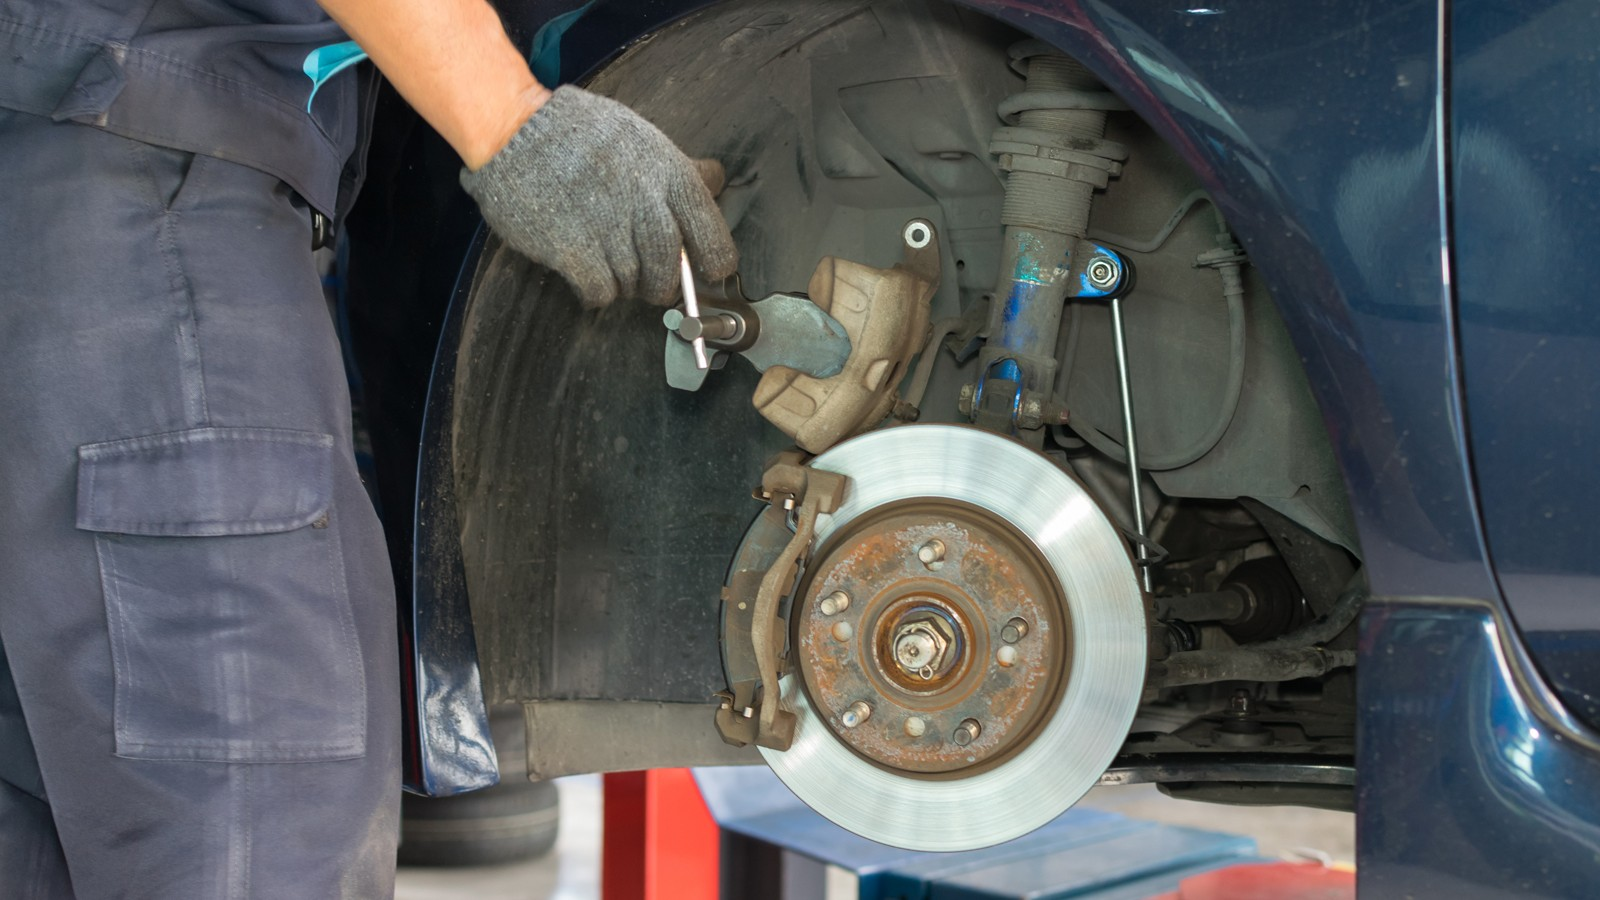 Checking car brake system